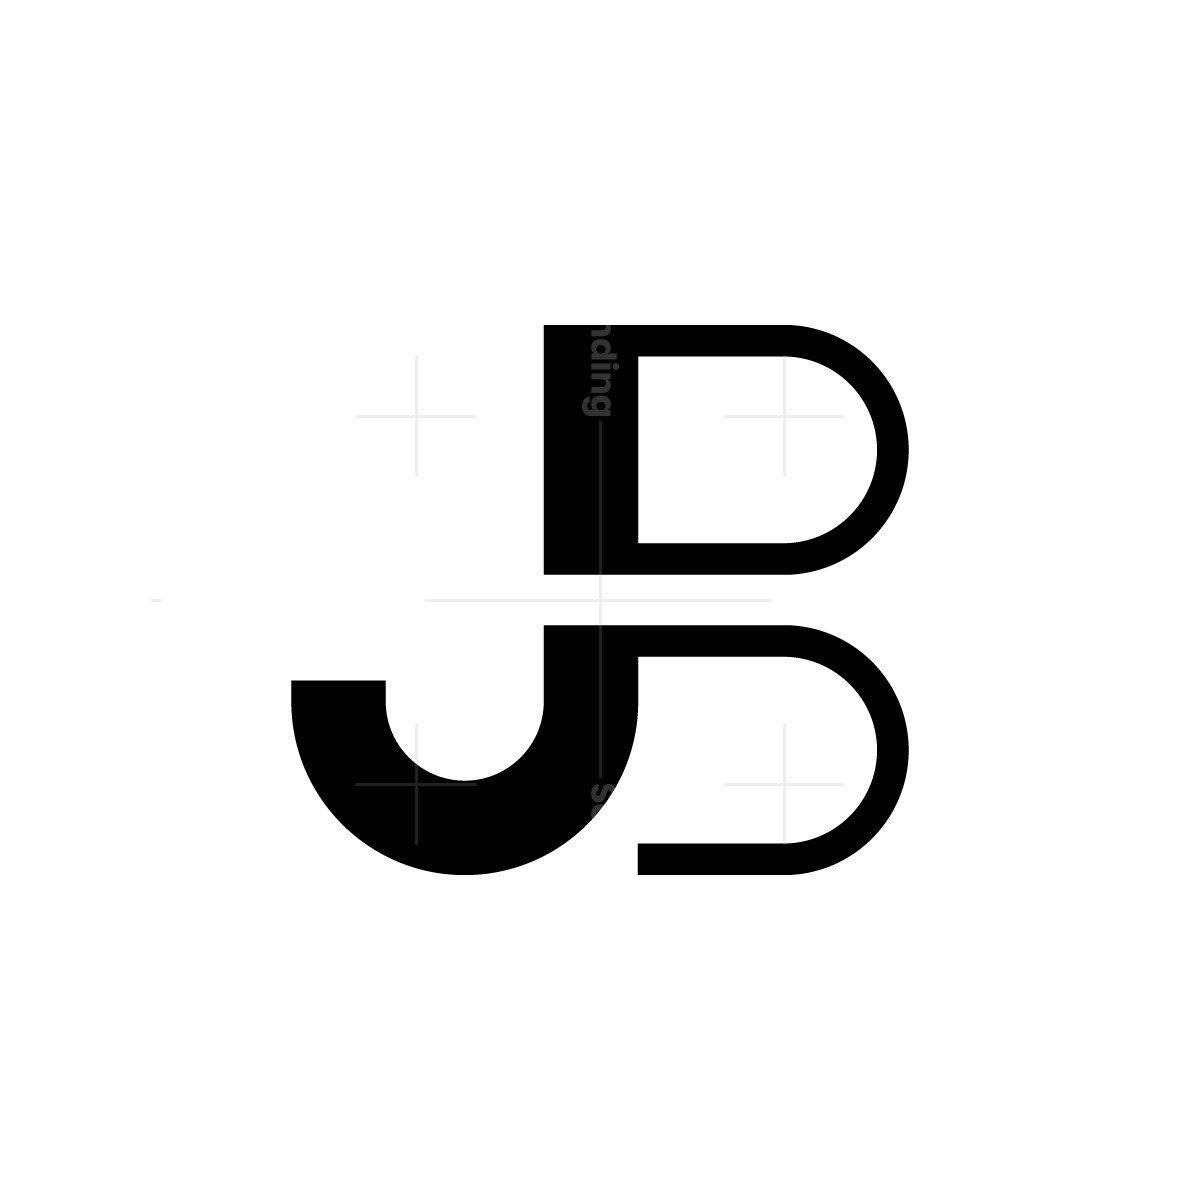 Letter Jb Logo